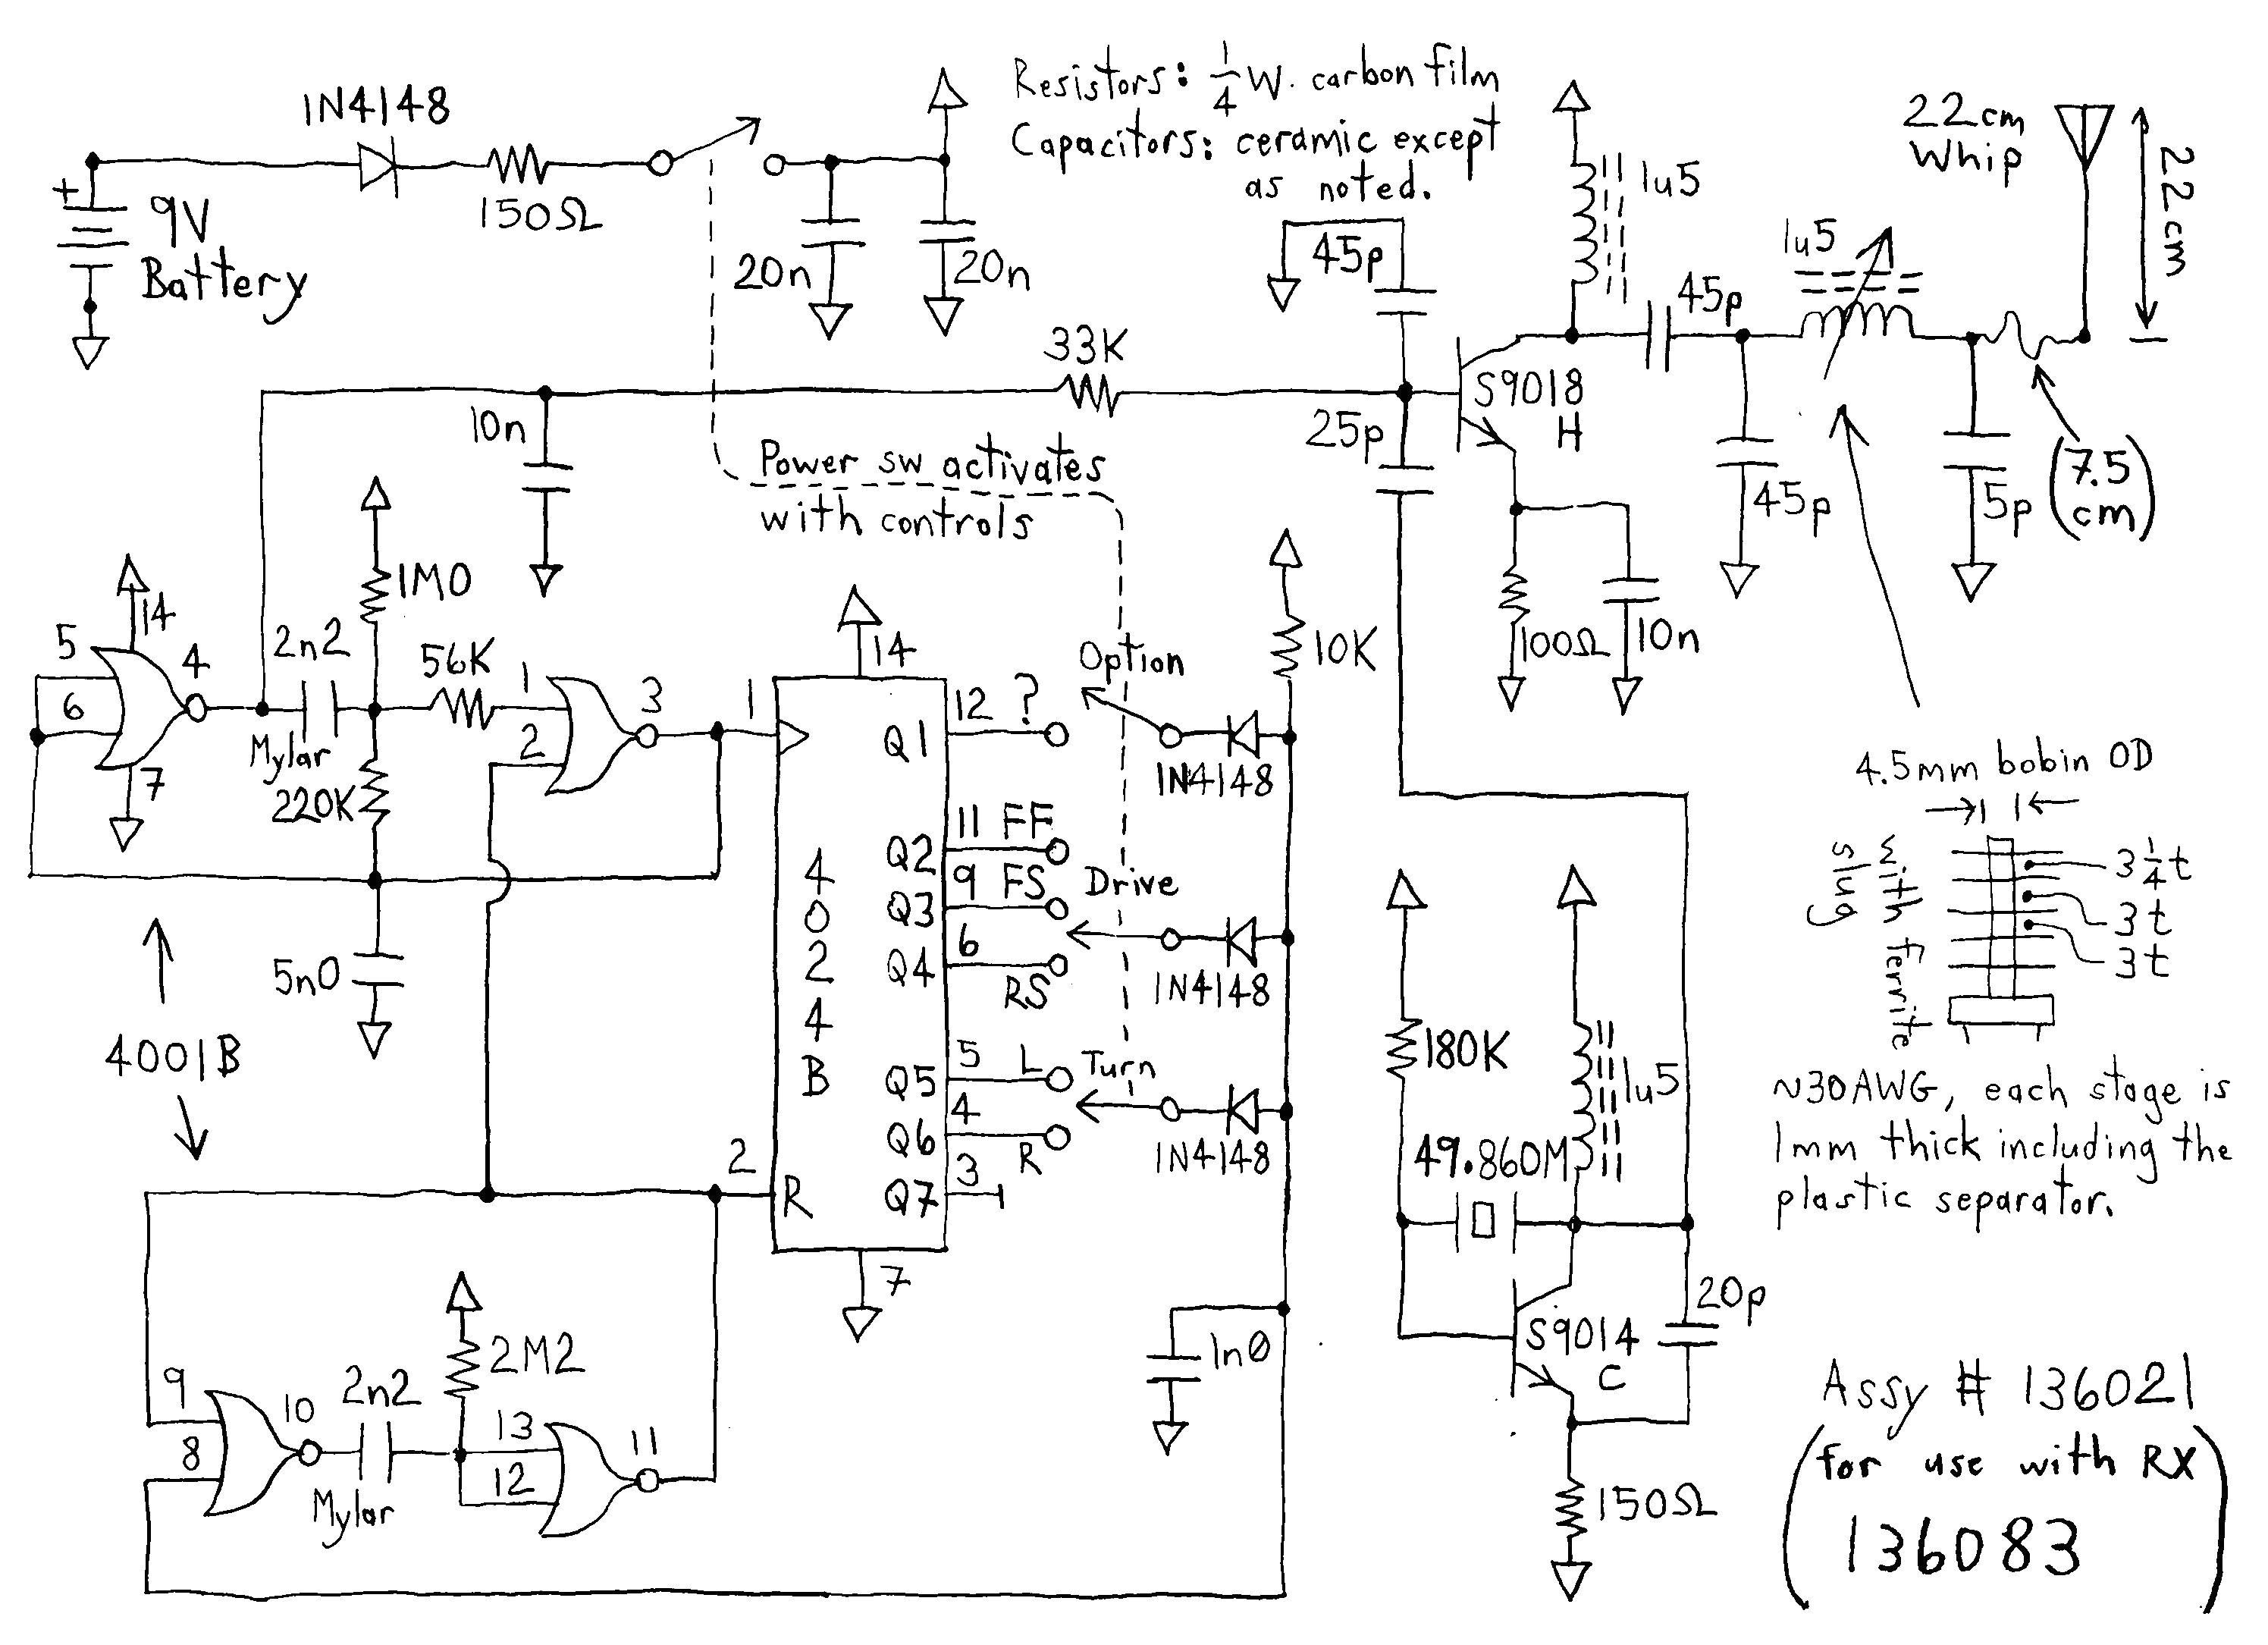 1999 nissan altima wiring diagram beautiful 2008 club car gas wiring diagram